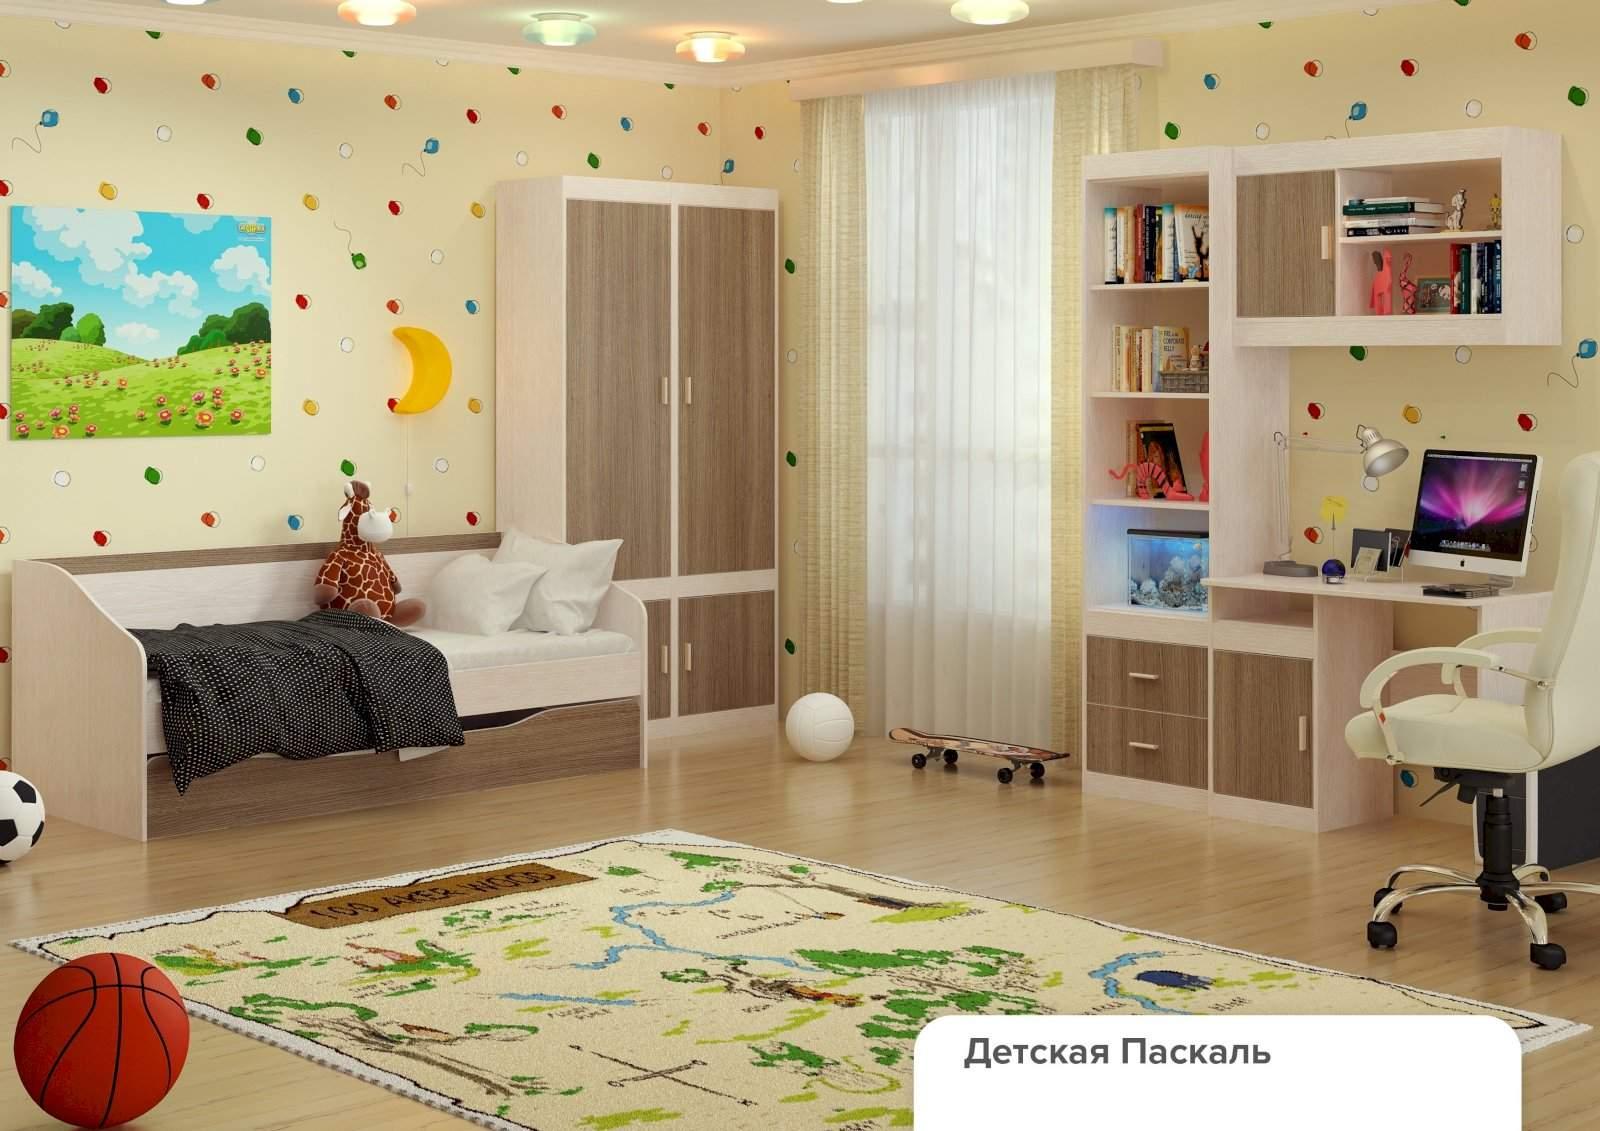 """Детская """"паскаль"""" (модульная) - комплектация 1 с-мебель."""